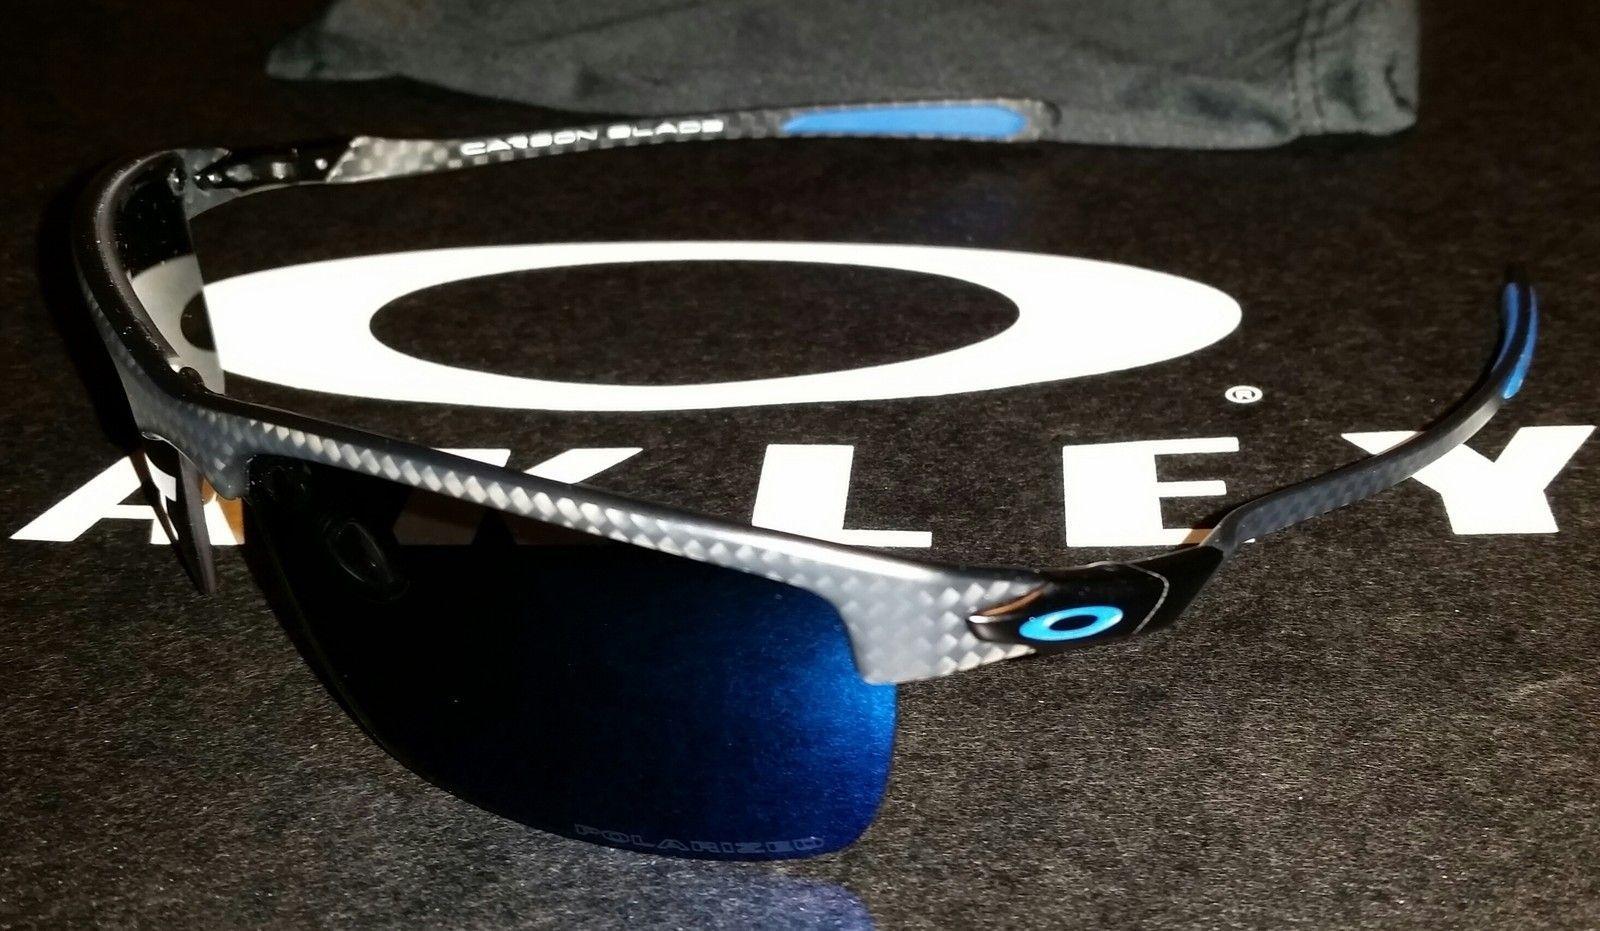 LNIB Carbon Blade Matte black Ice - uploadfromtaptalk1418601318298.jpg